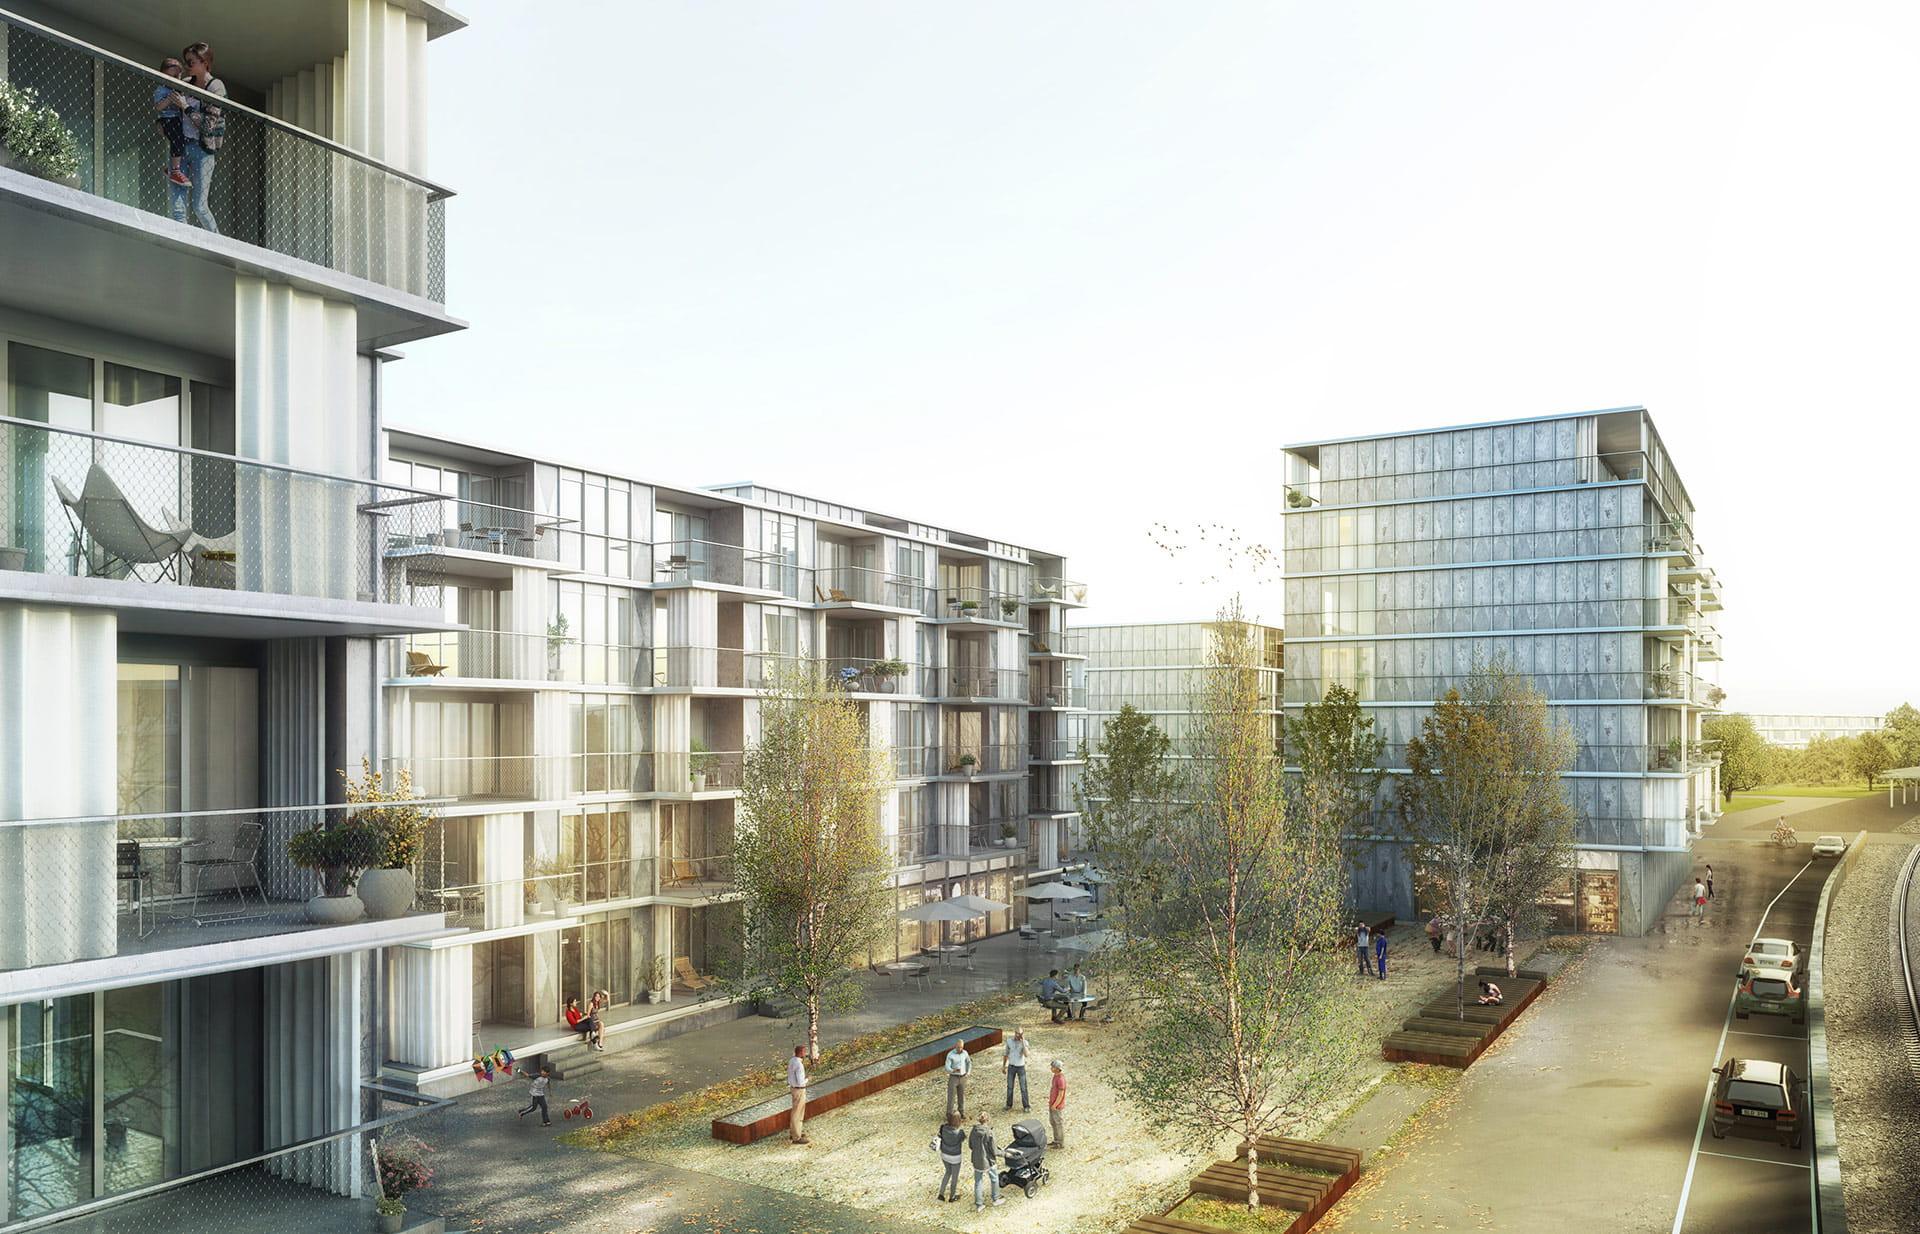 Immobilien Arealentwicklung Burgdorf Steinhof Visual Gesamtanlage